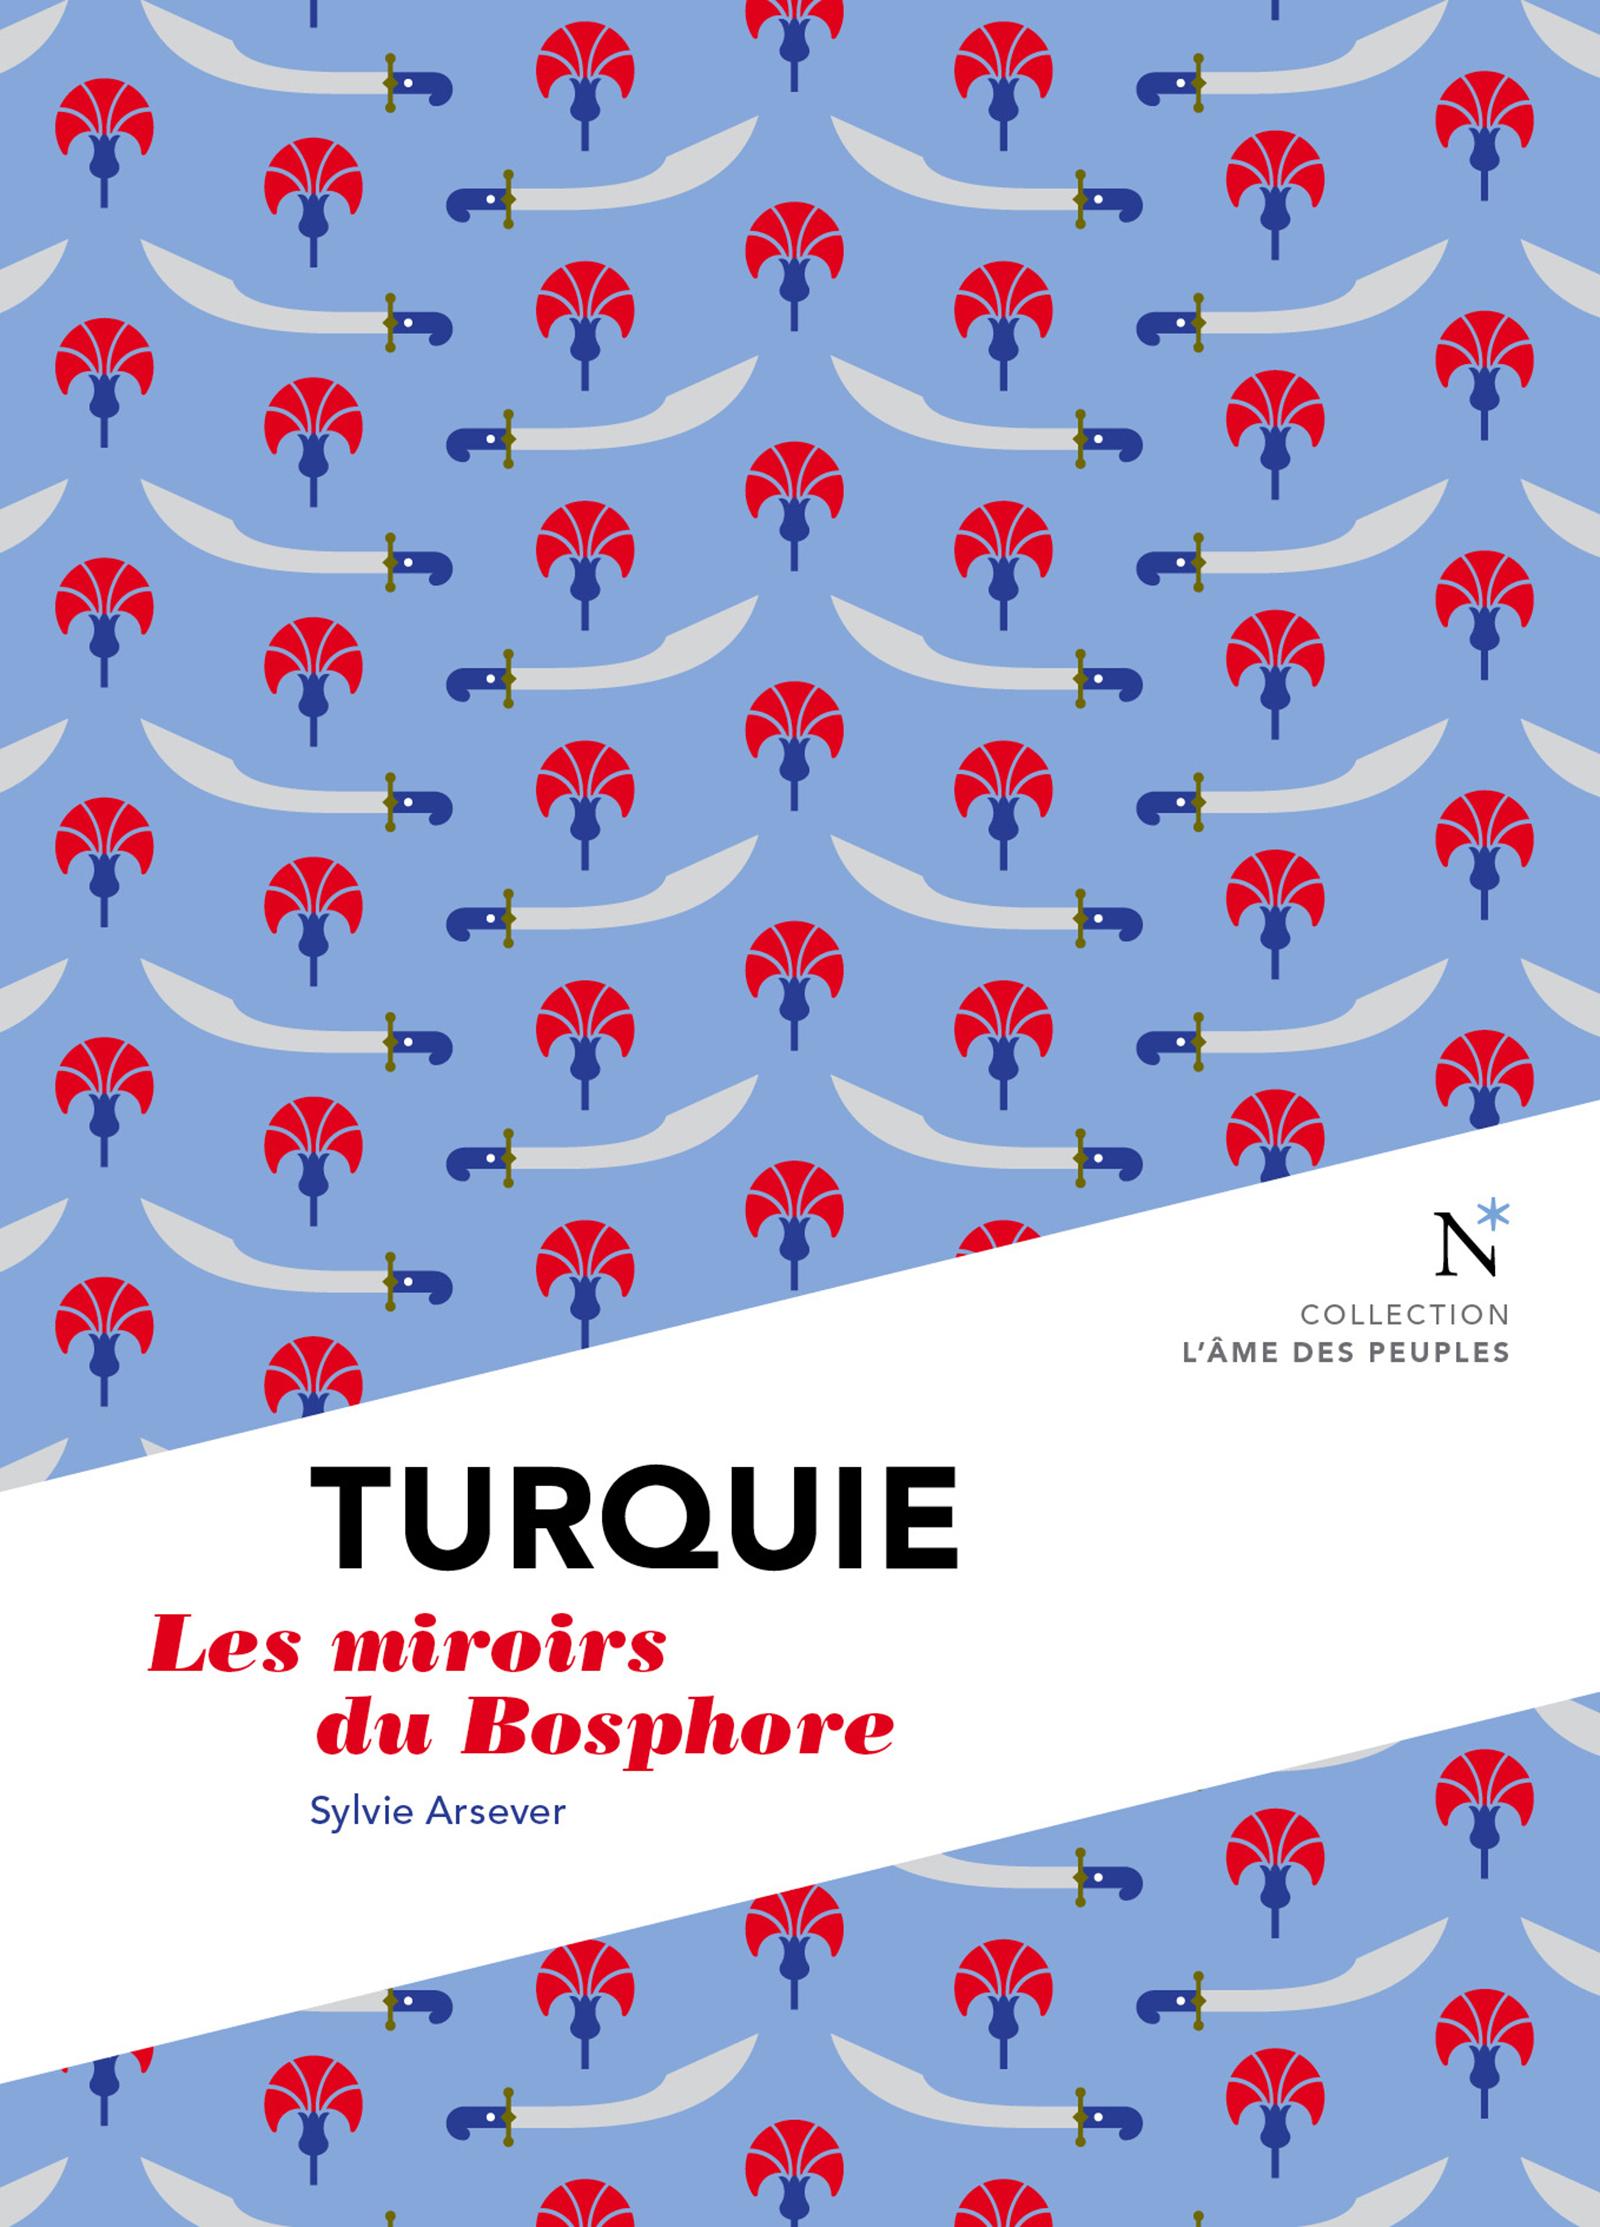 Turquie : Les miroirs du Bosphore